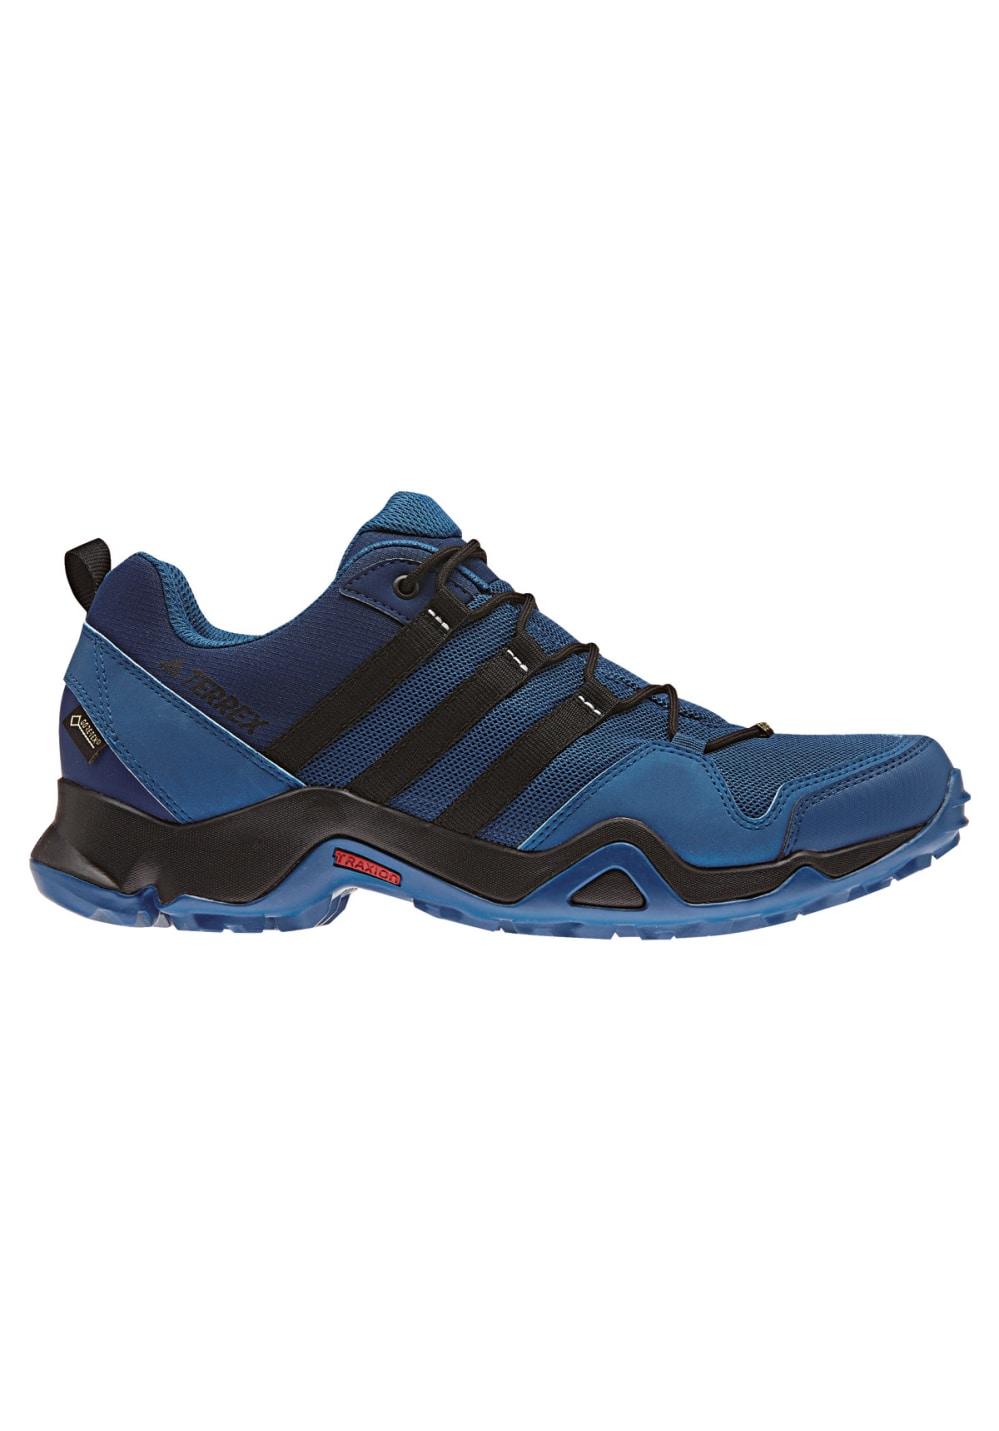 926a107ee3 adidas Terrex Ax2R GTX - Outdoor shoes for Men - Black